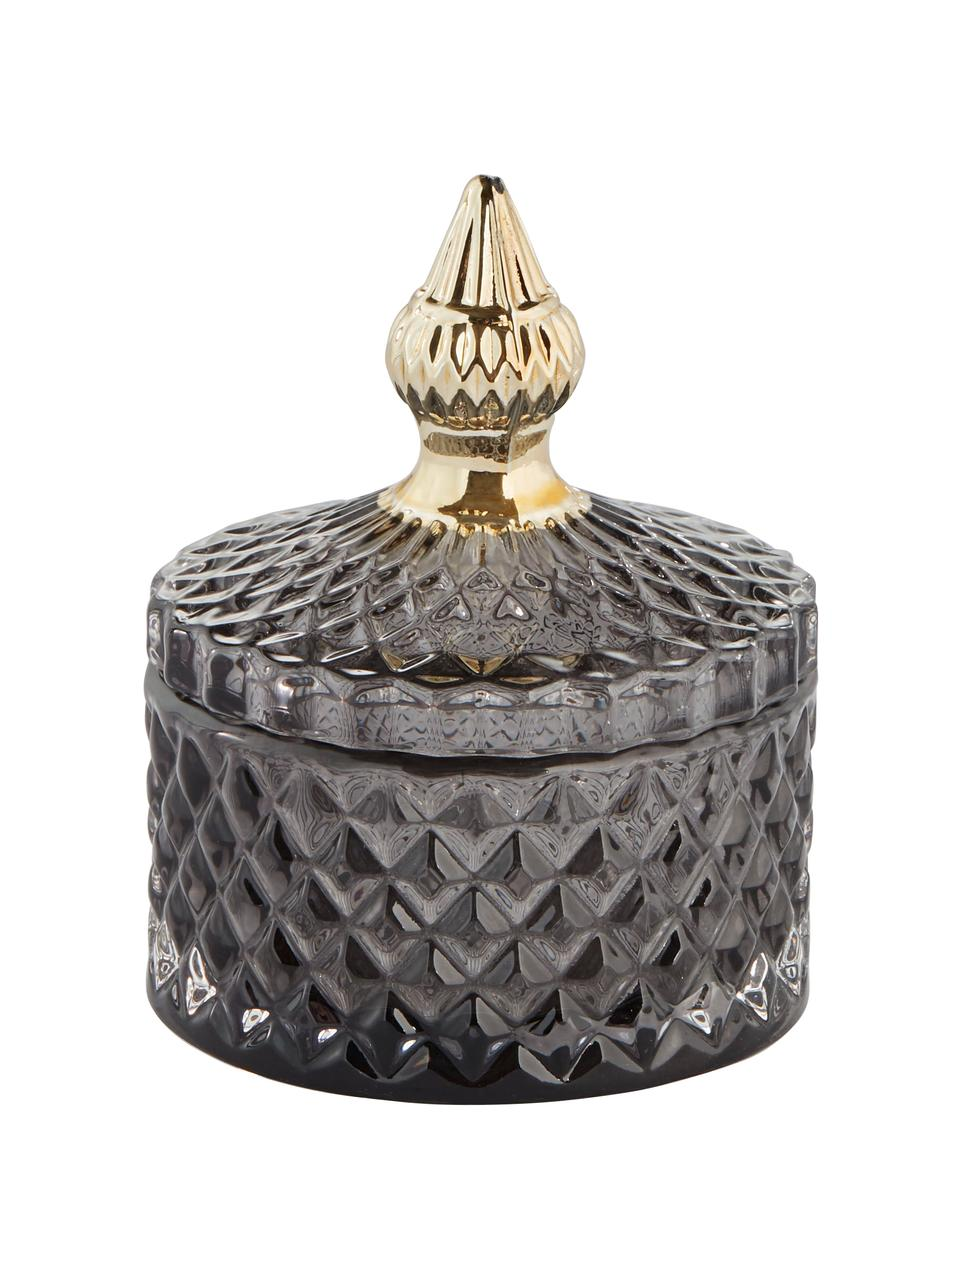 Contenitore con coperchio Miya, Vetro, Grigio scuro trasparente, dorato, Ø 9 x Alt. 11 cm